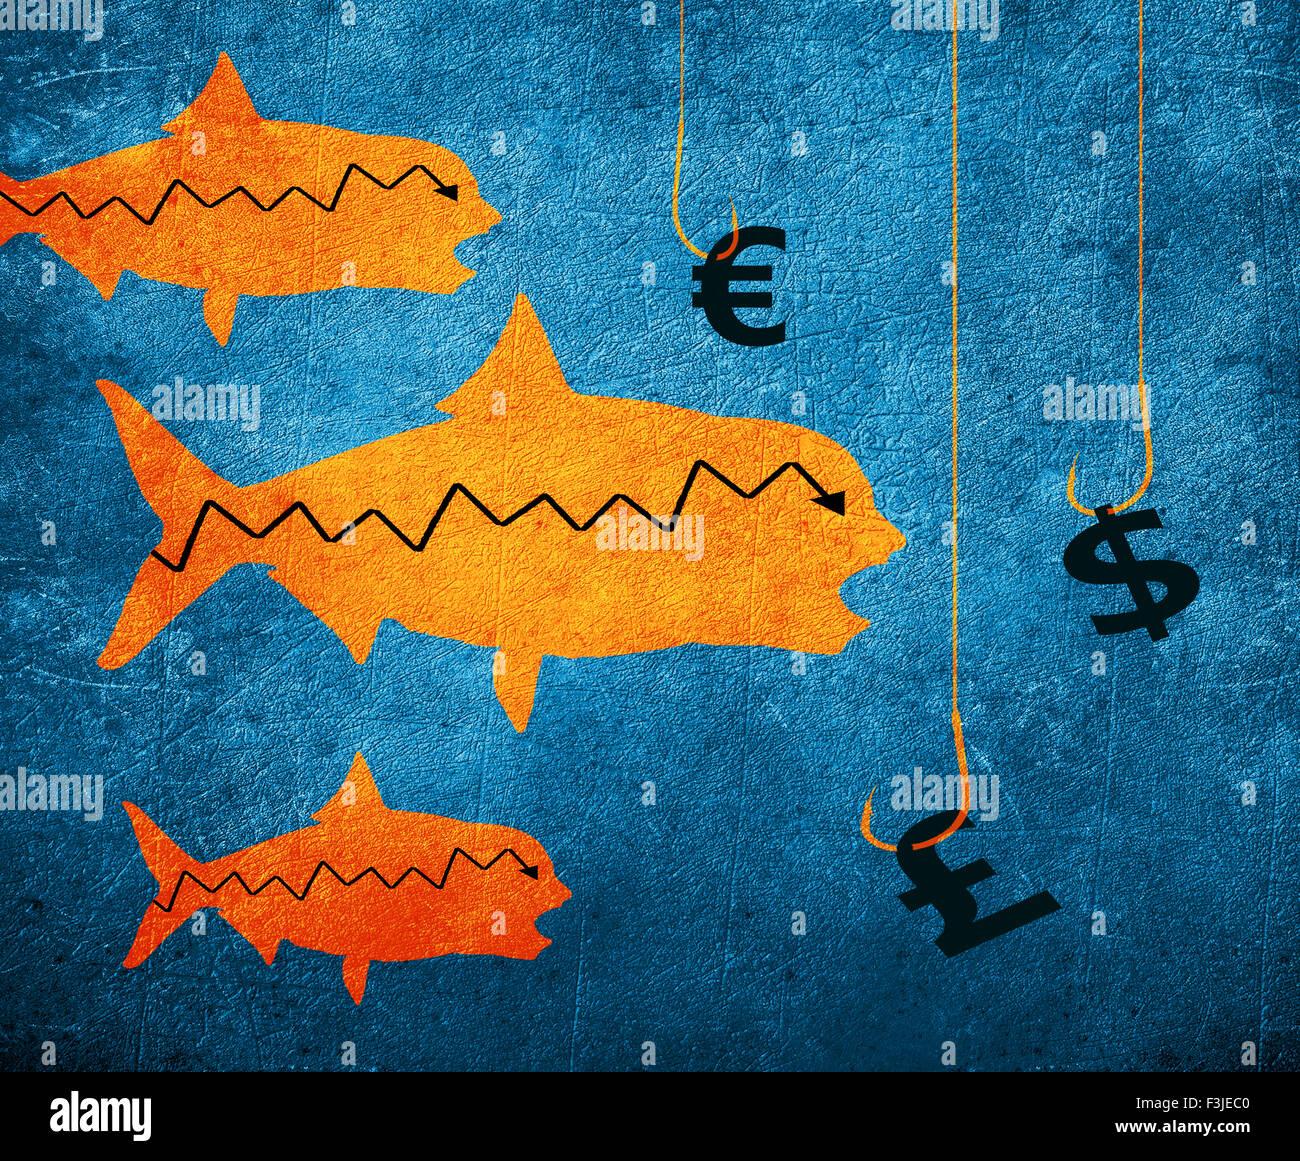 Crochet de pêche de poissons et de l'argent numérique illustration symbole Photo Stock